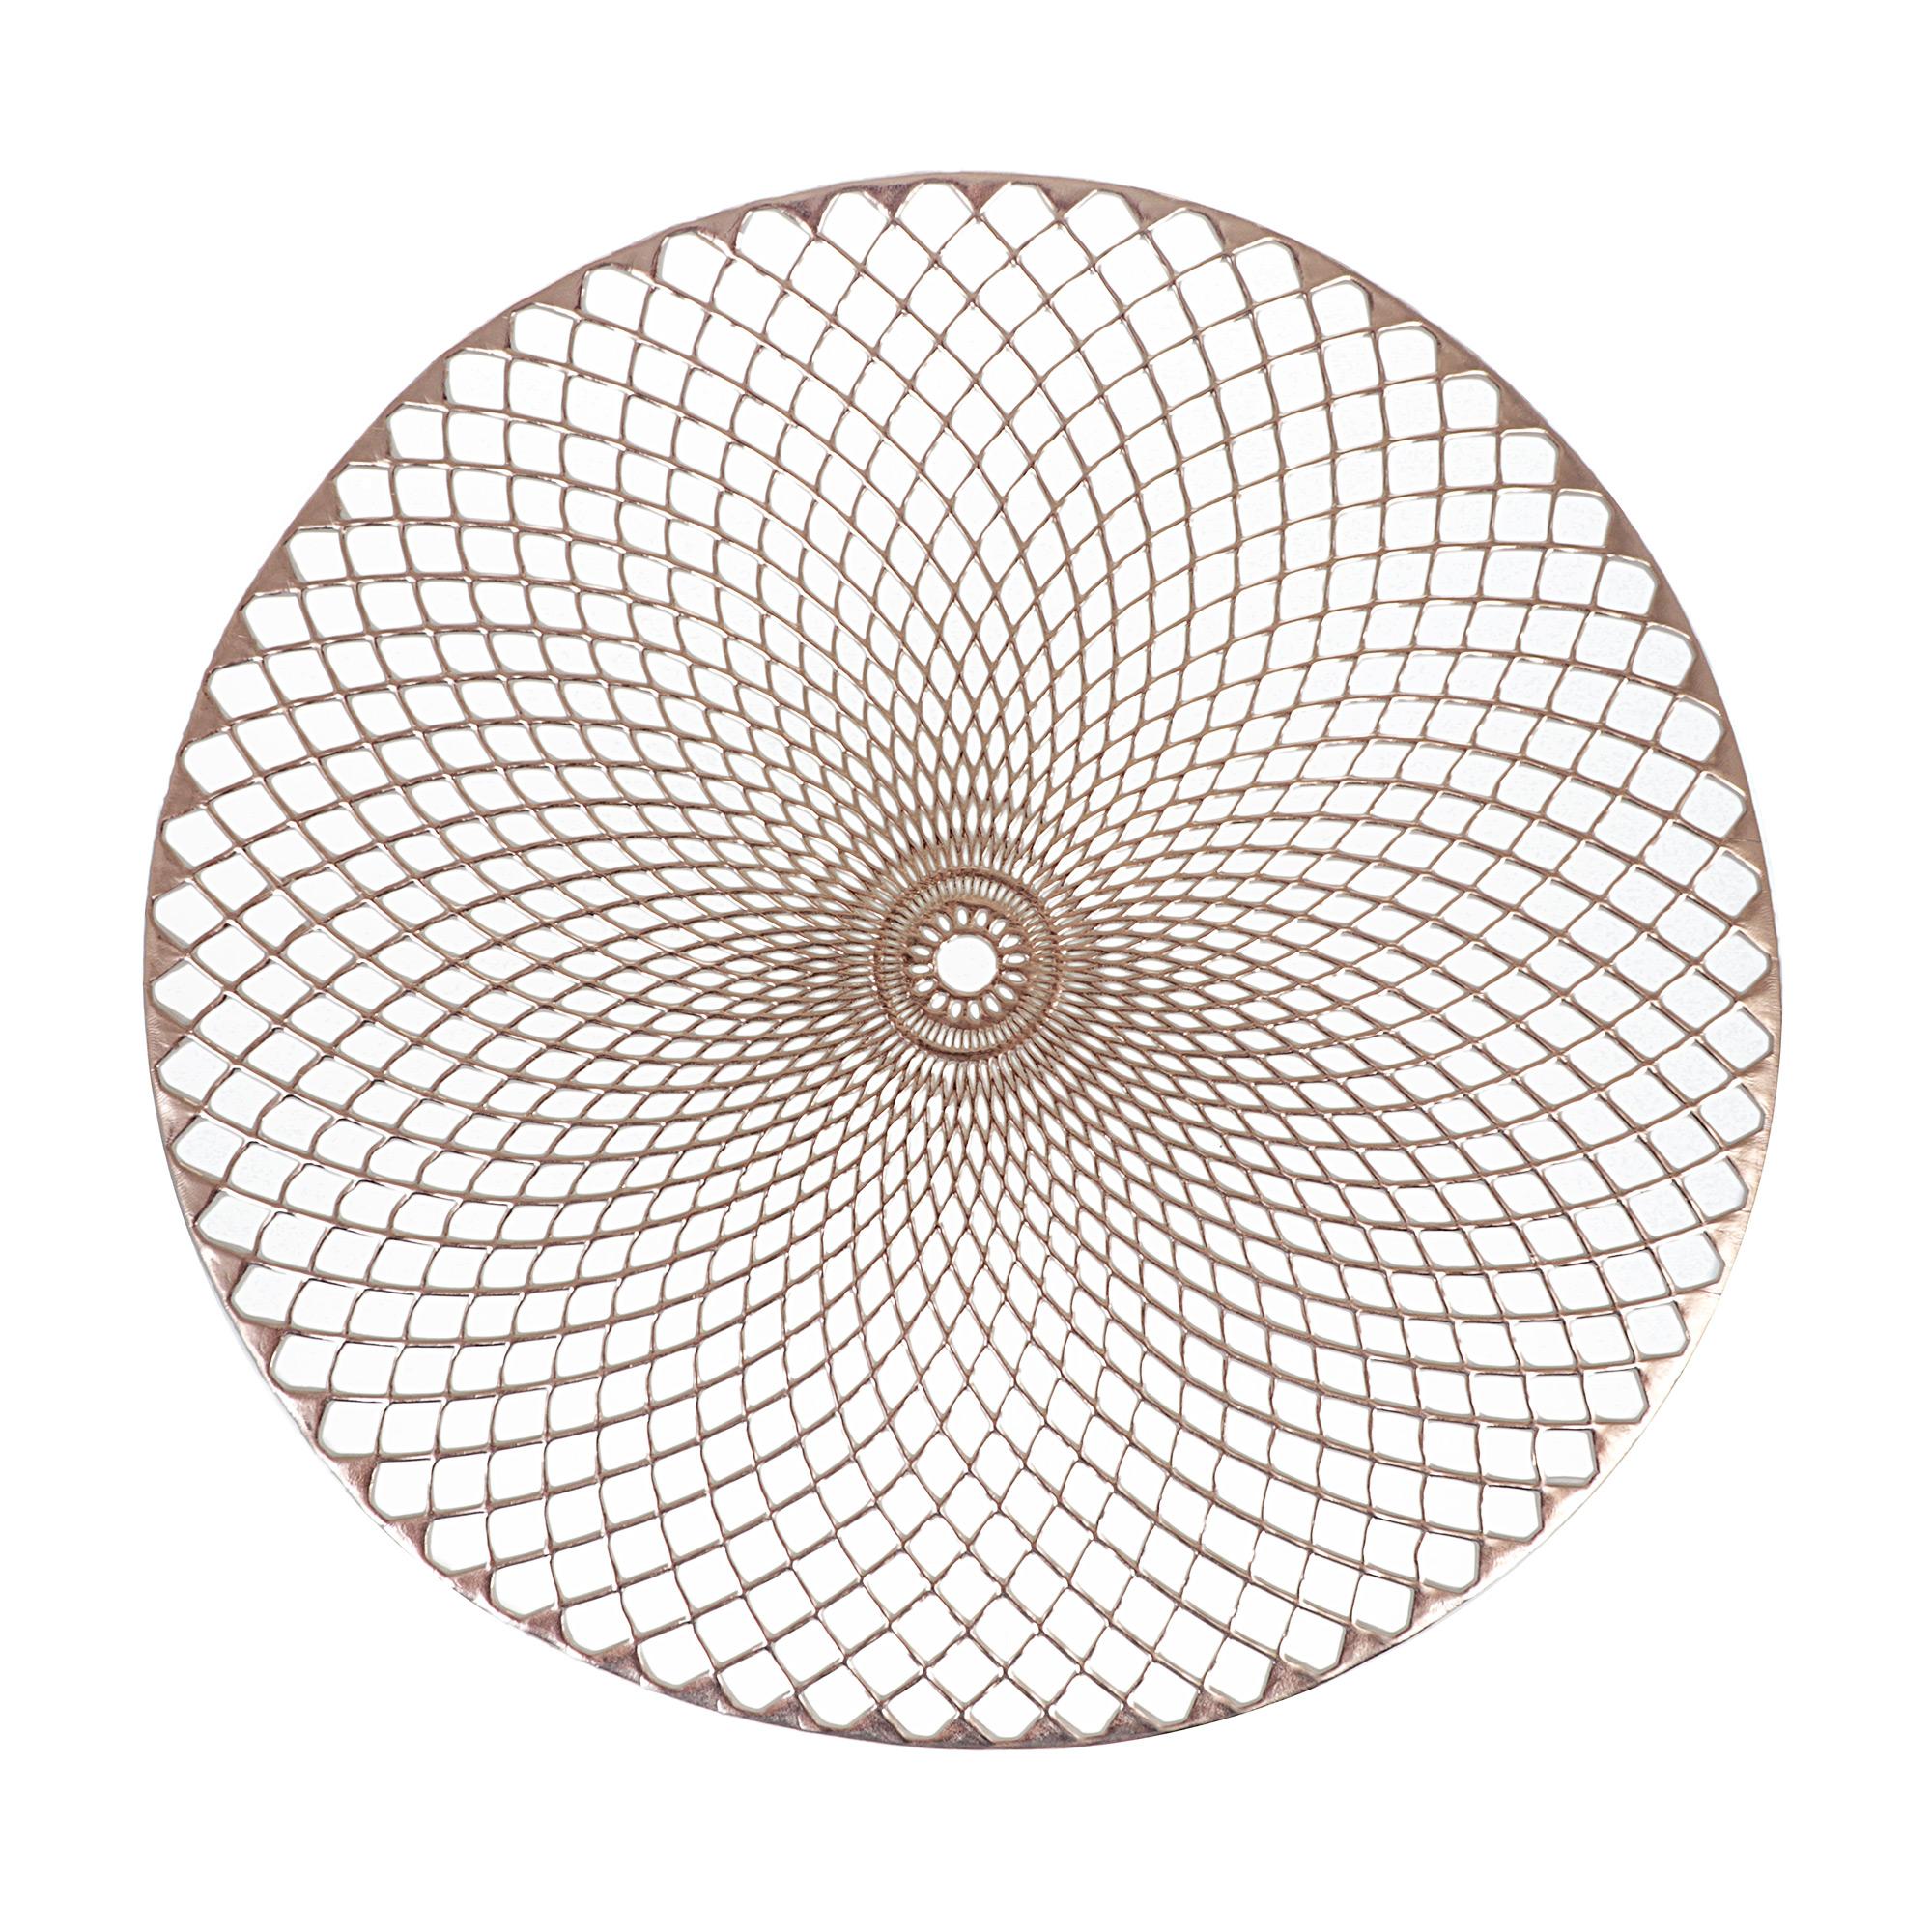 Фото - Подставка под горячее d-38см Золото Zeller подставка под горячее zeller 35 см серый